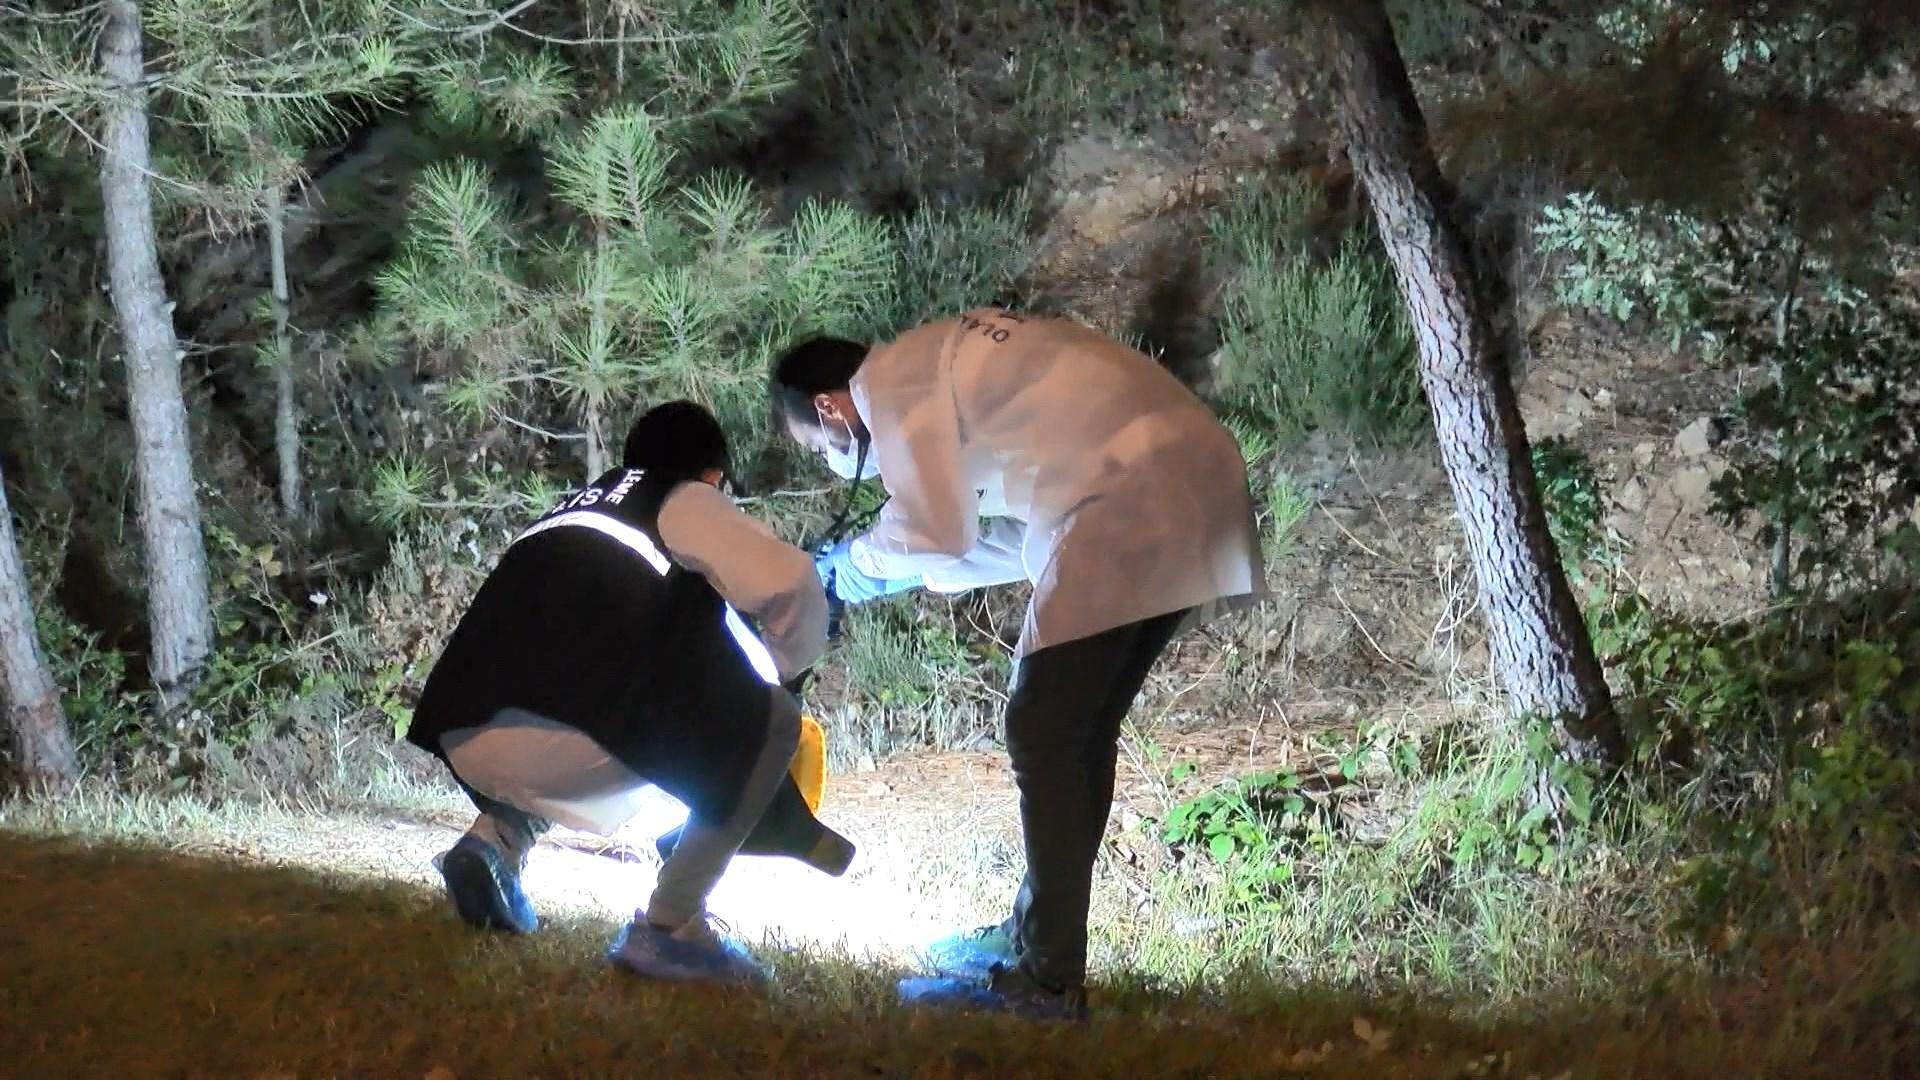 Kartal'da kablo hırsızları itfaiye ekibine ateş açtı: 1 itfaiye eri yaralandı